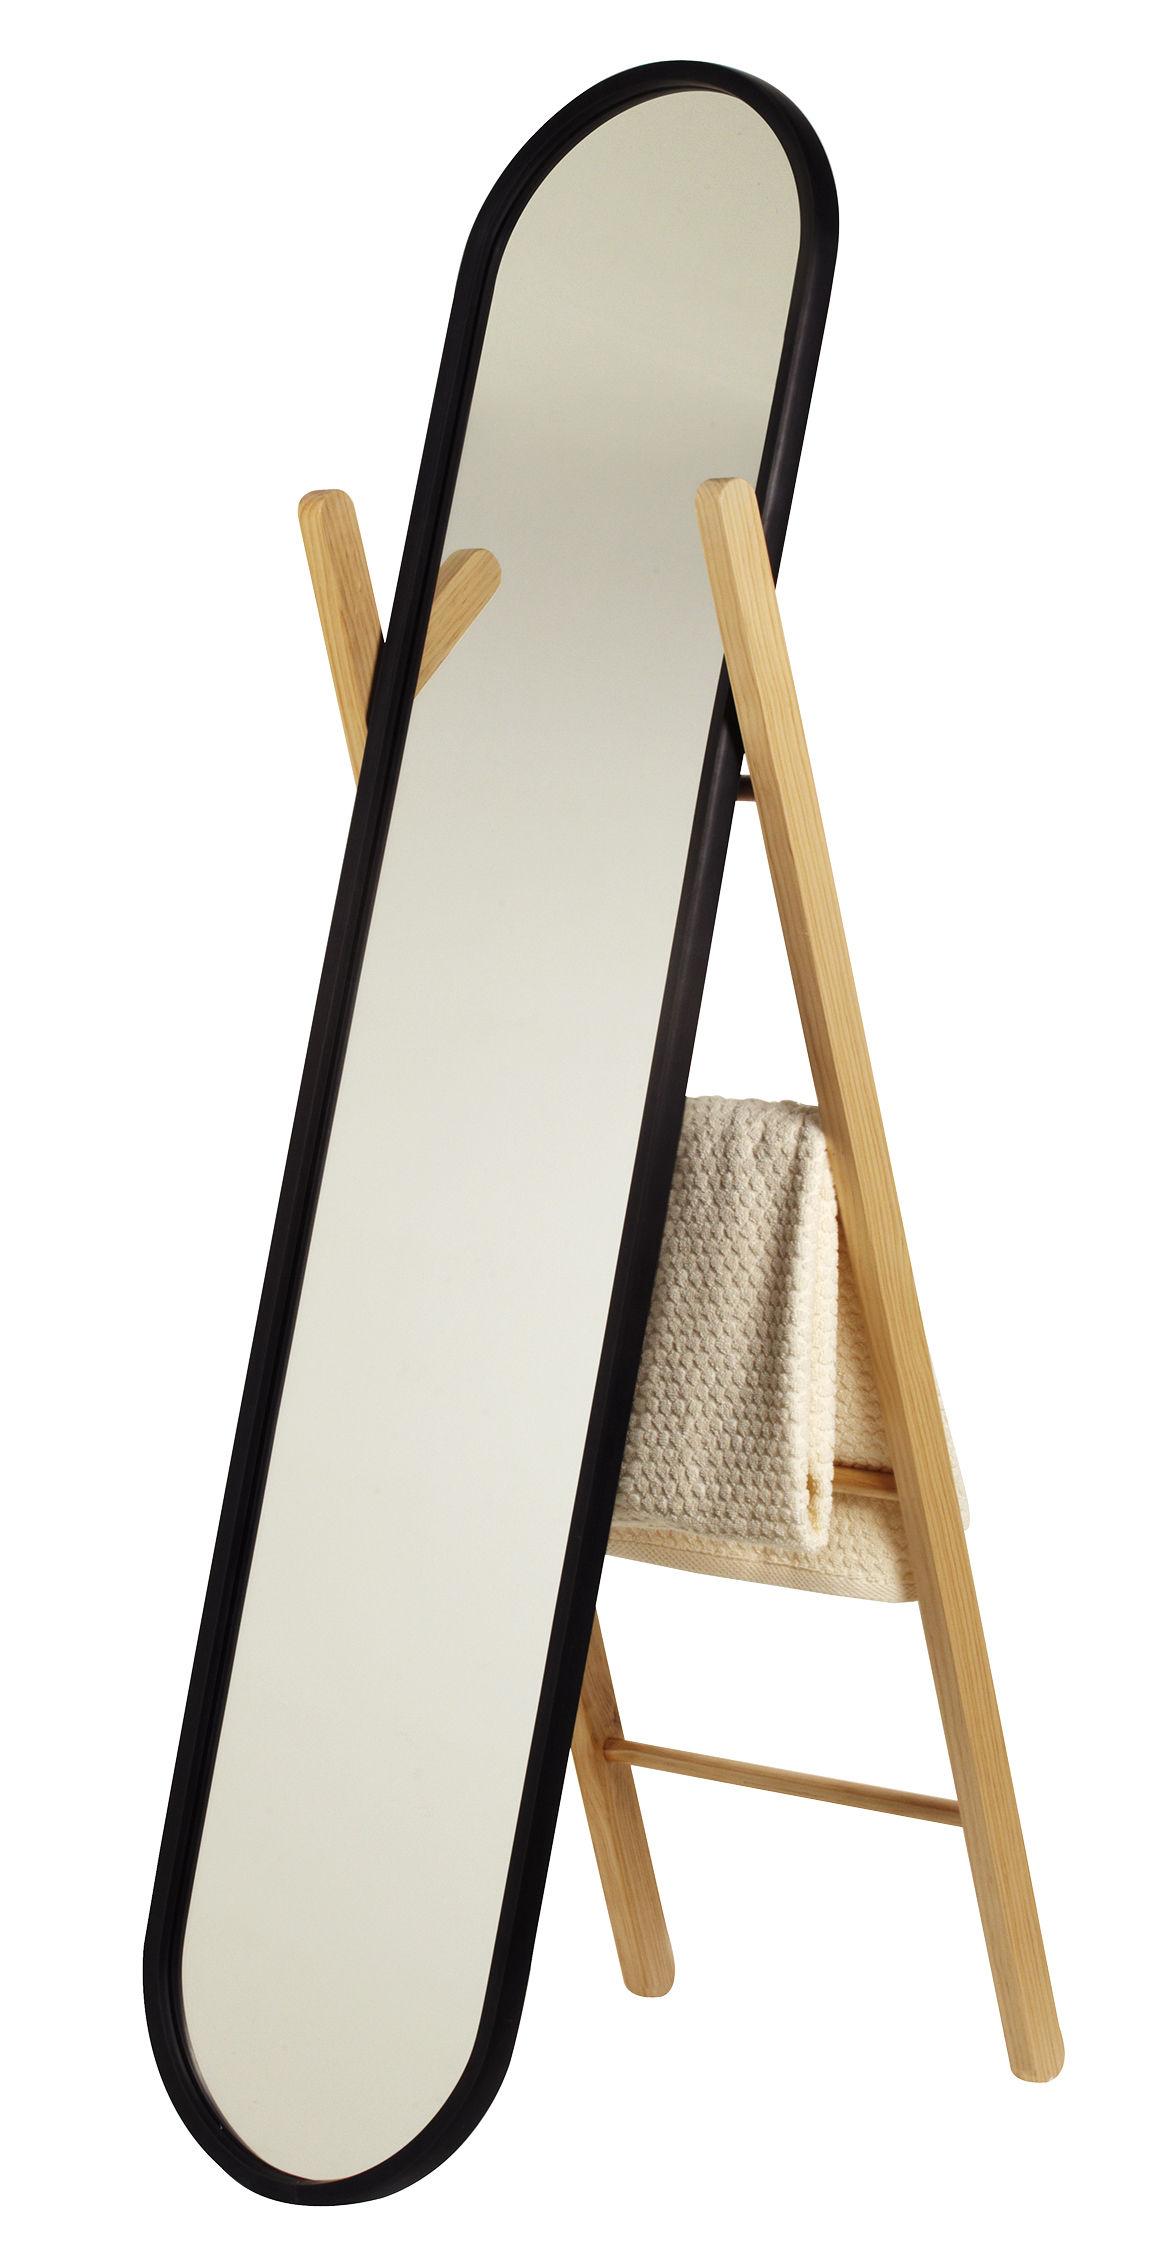 Miroir sur pied hub valet h 157 cm h tre naturel for Miroir sur pied 50 cm